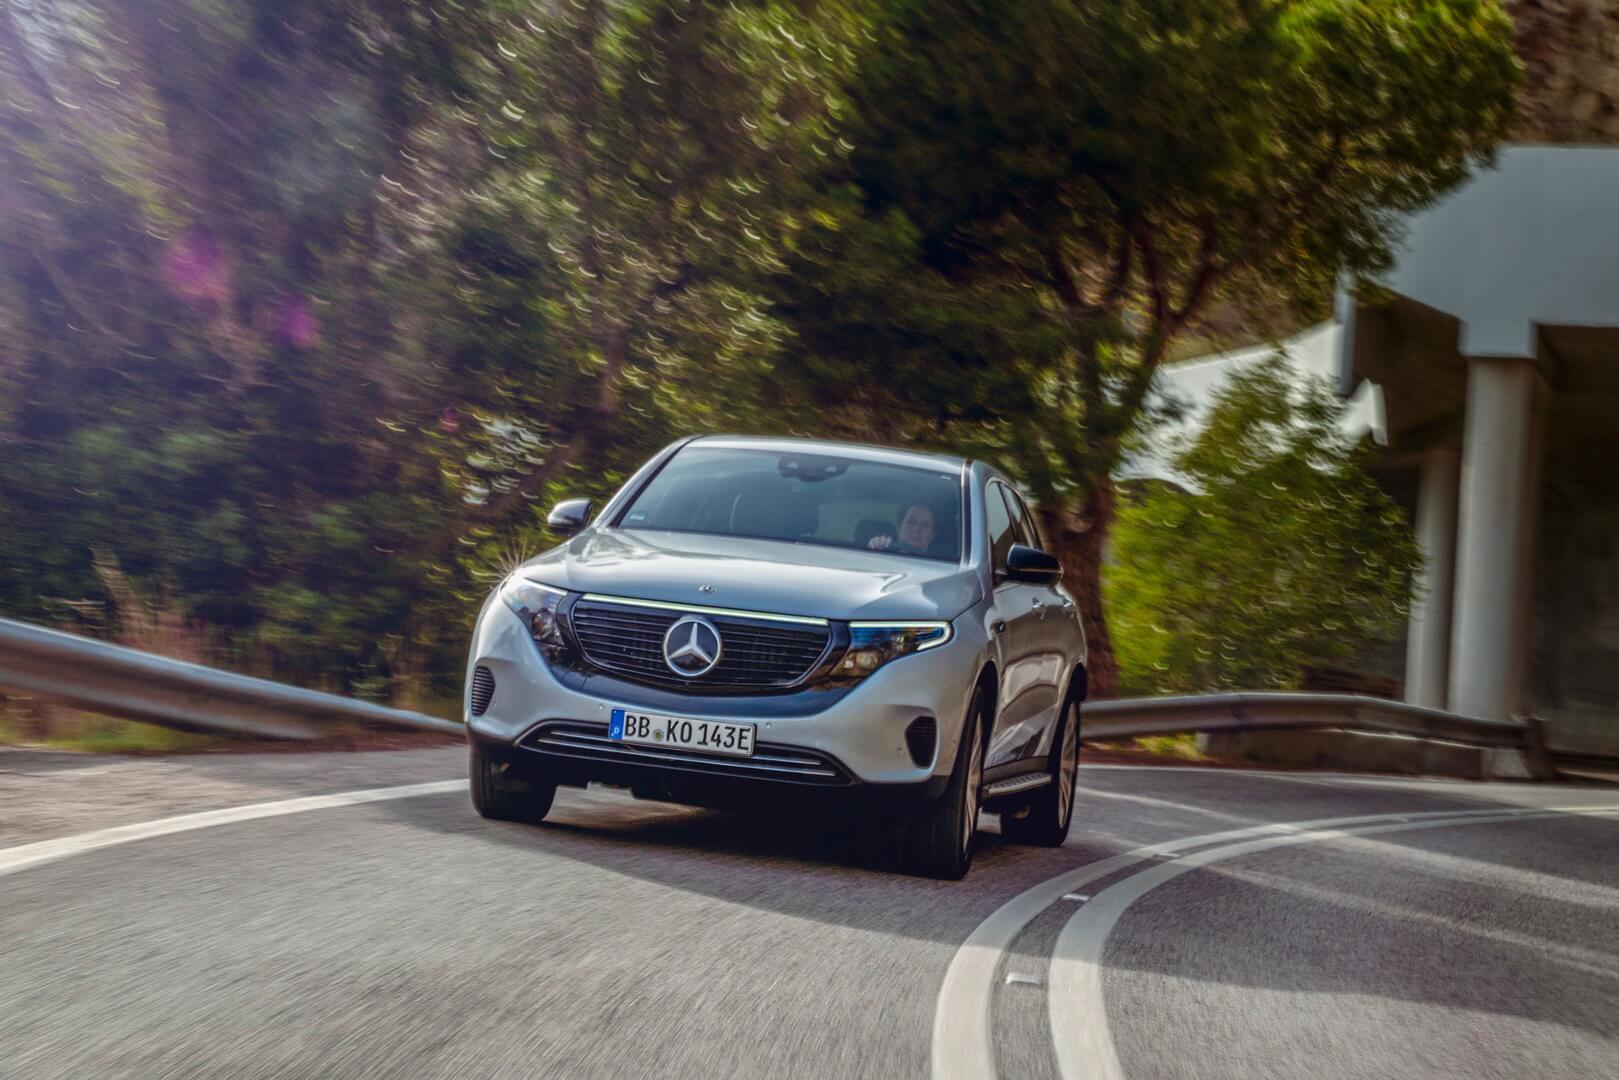 Mercedes-Benz представила эксклюзивную версию электрического кроссовера EQC